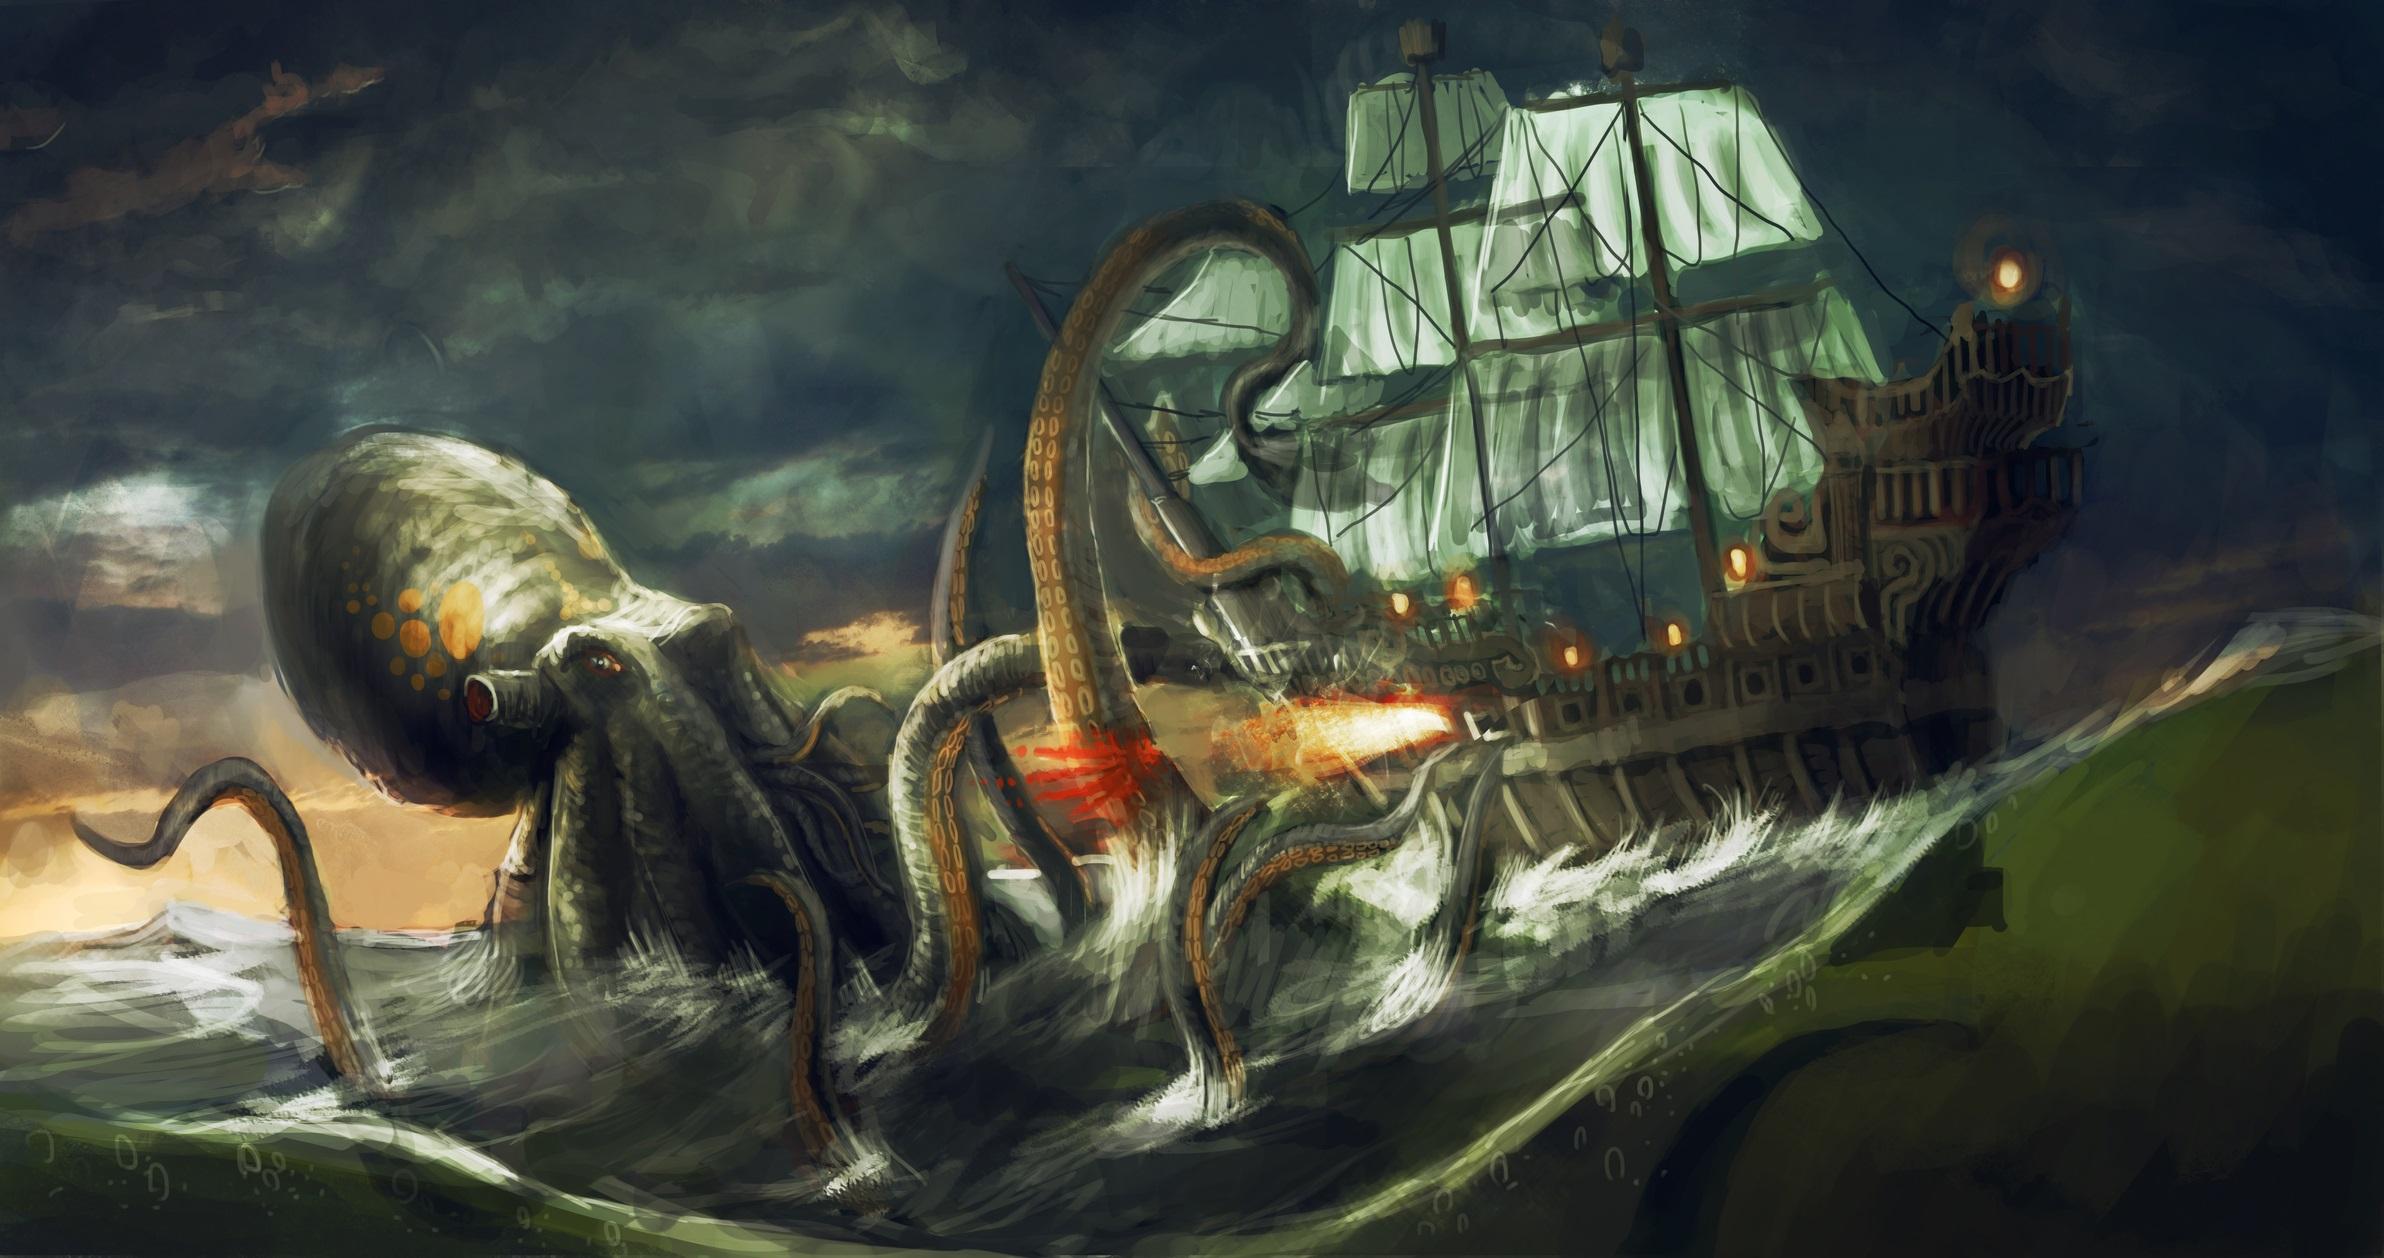 Кракен<br /> <br /> Кракен е най-свирепото същество в морето. На повърхността Кракен би заел площ колкото 10 военни кораба един до друг. Има огромни пипала, с които може да завлече на дъното кораб, заедно с екипажа му.<br /> <br /> Кракен е от тези митологични същества, които са останали с нас и вълнуват въображението ни векове наред. Рибарите на брега на Норвегия, които твърдят, че са го виждали обаче може да се окаже, че казват истината. Макар че няма създание, което да е толкова масивно, колкото истинския Кракен, учените са открили огромен калмар, който може да нарасне до 600 кг. Това митологично същество може да е преувеличен разказ за истинско океанско чудовище.